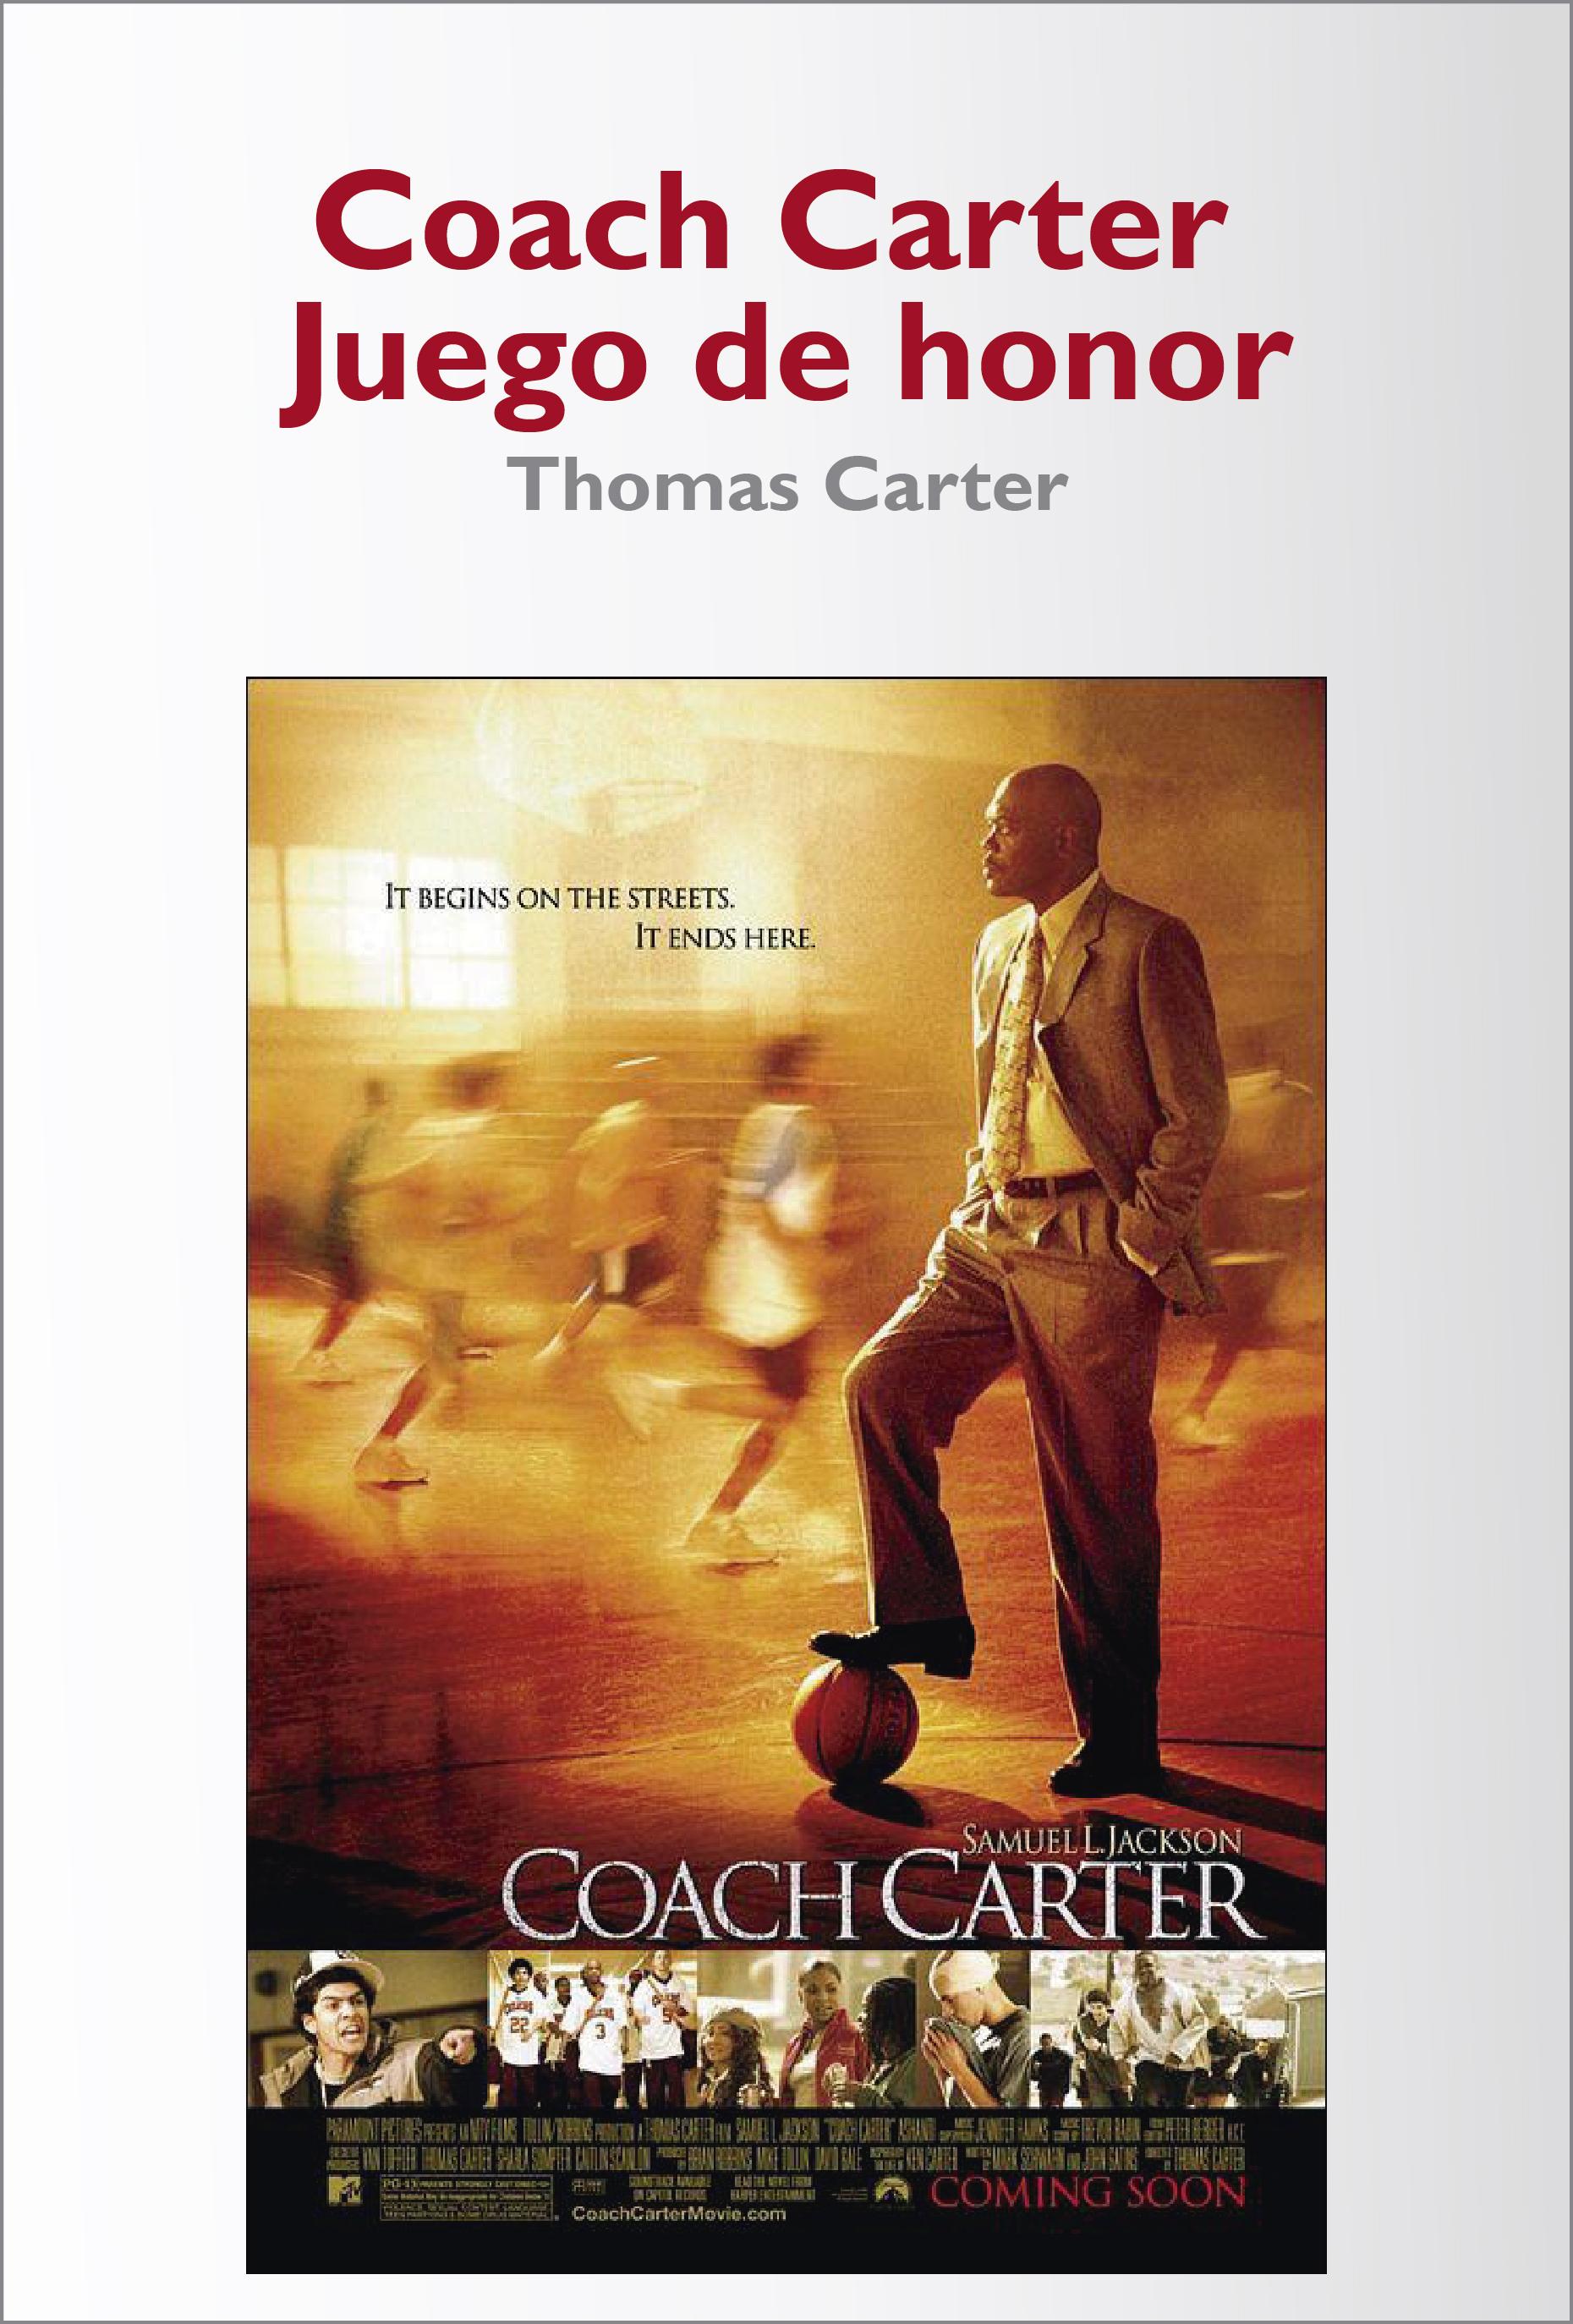 Coach Carter - Juego de Honor